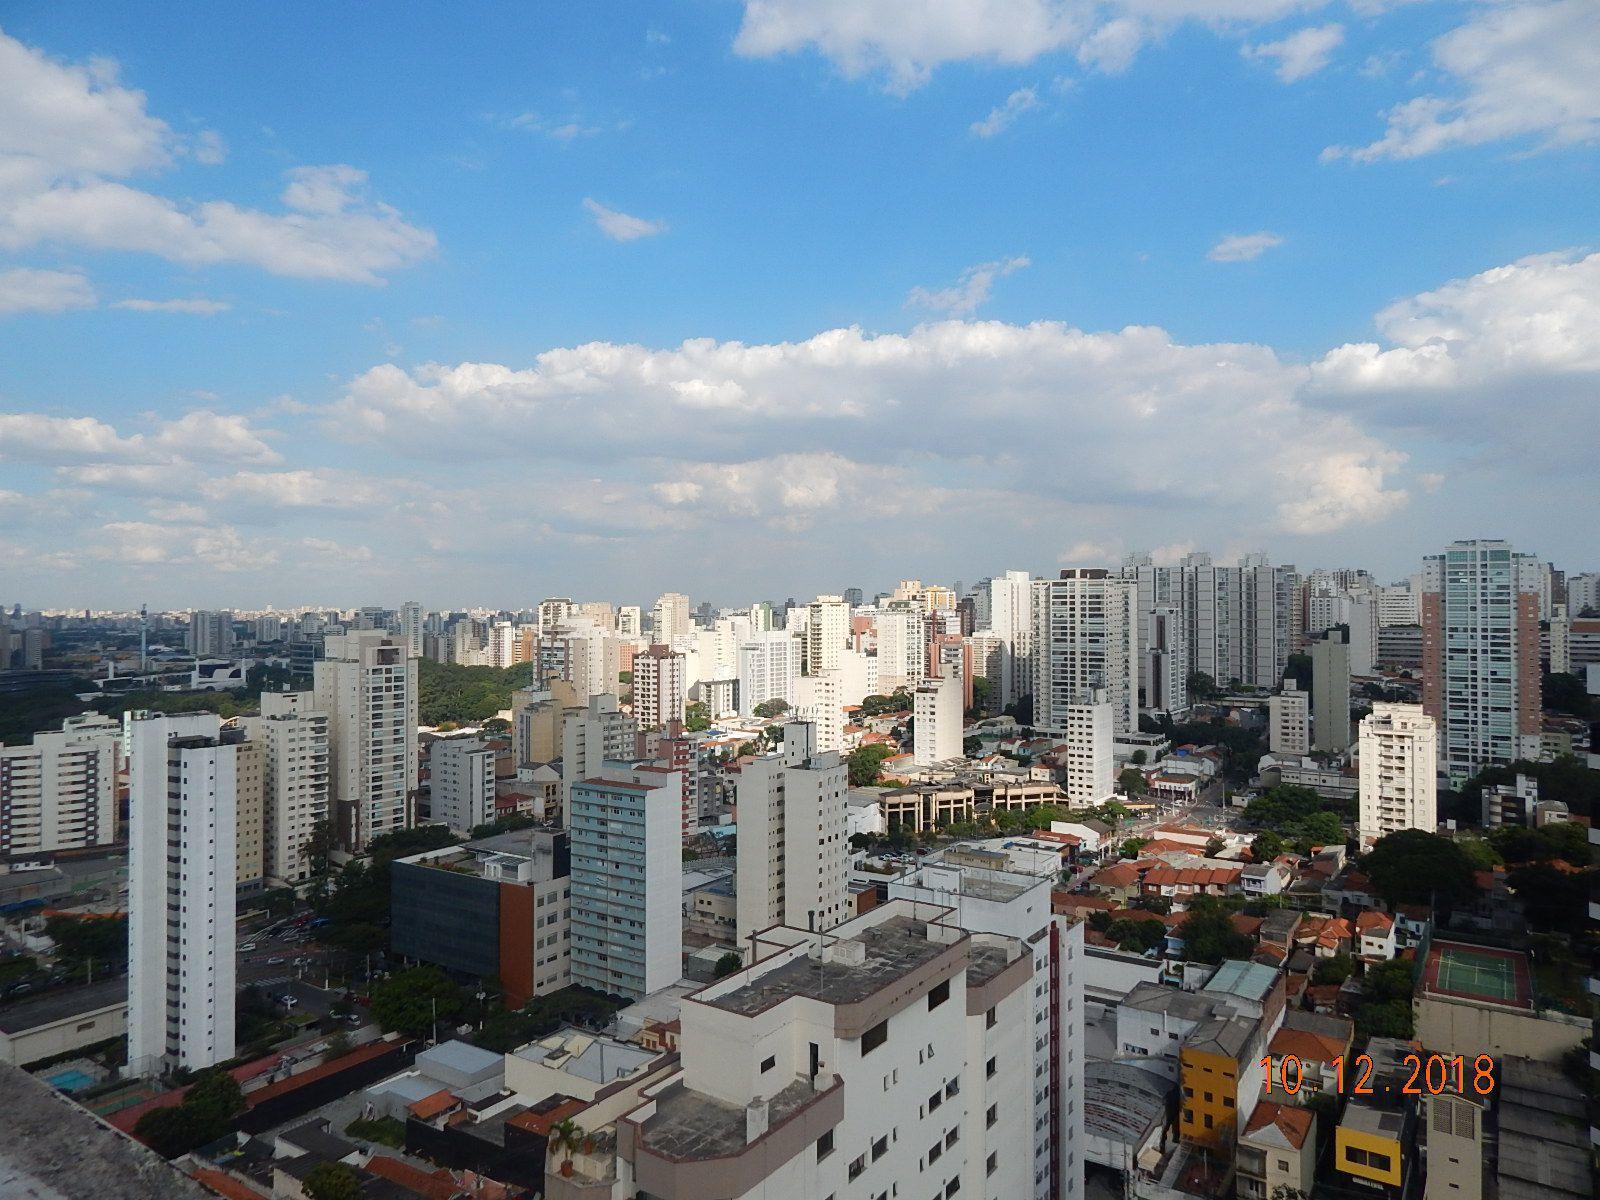 Cobertura Para Venda ou Aluguel - Perdizes - São Paulo - SP - COBE0012 - 29